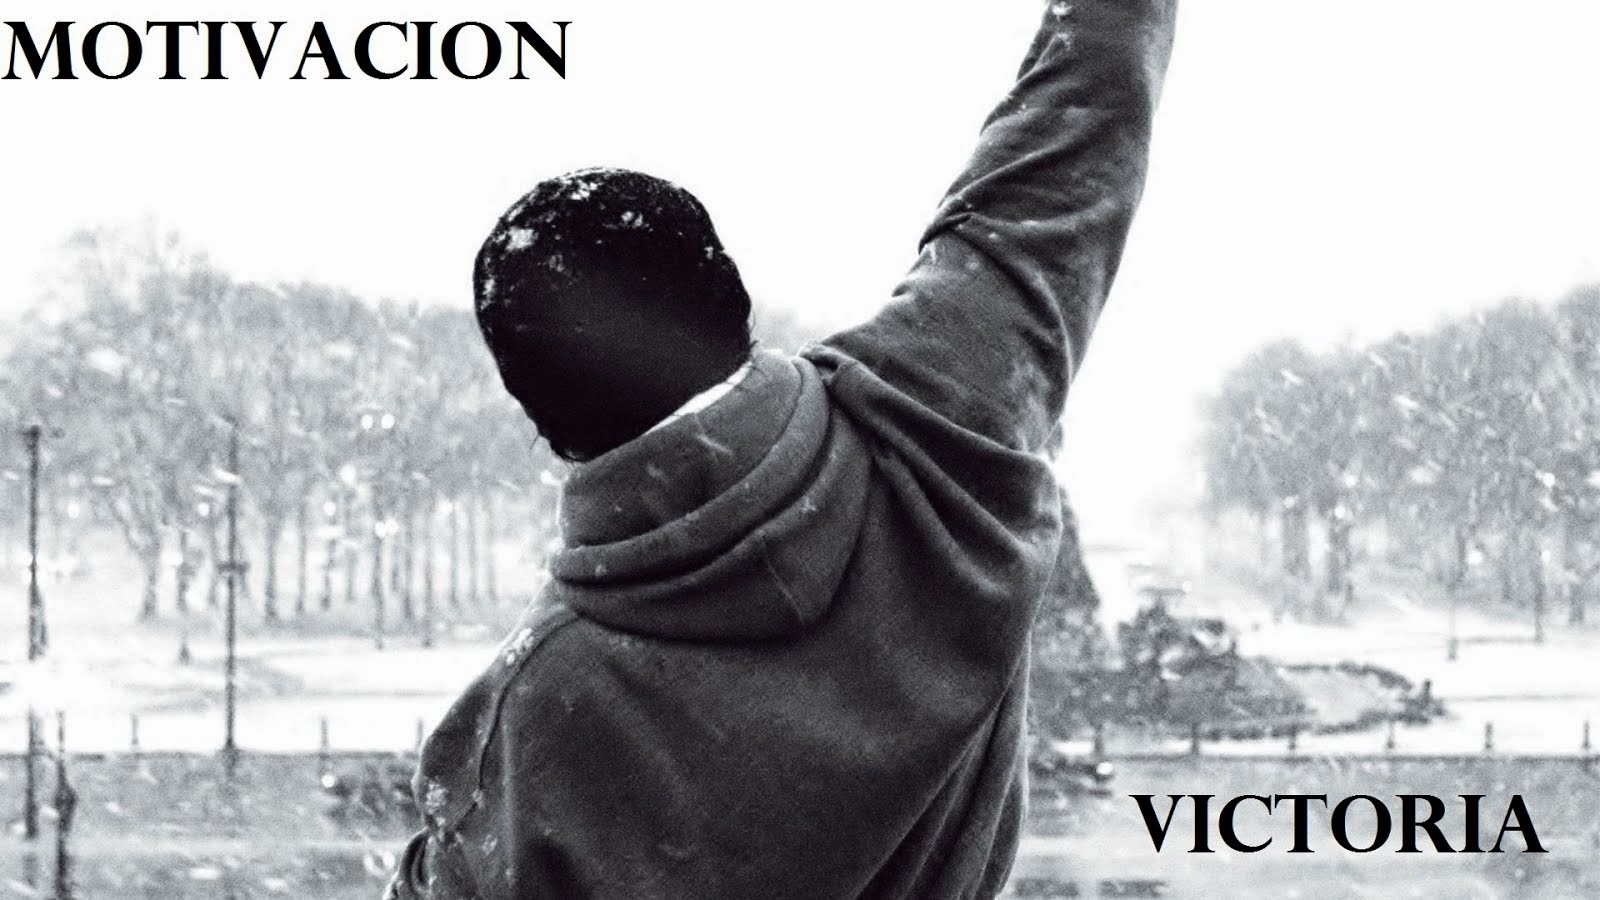 Motivación y Victoria